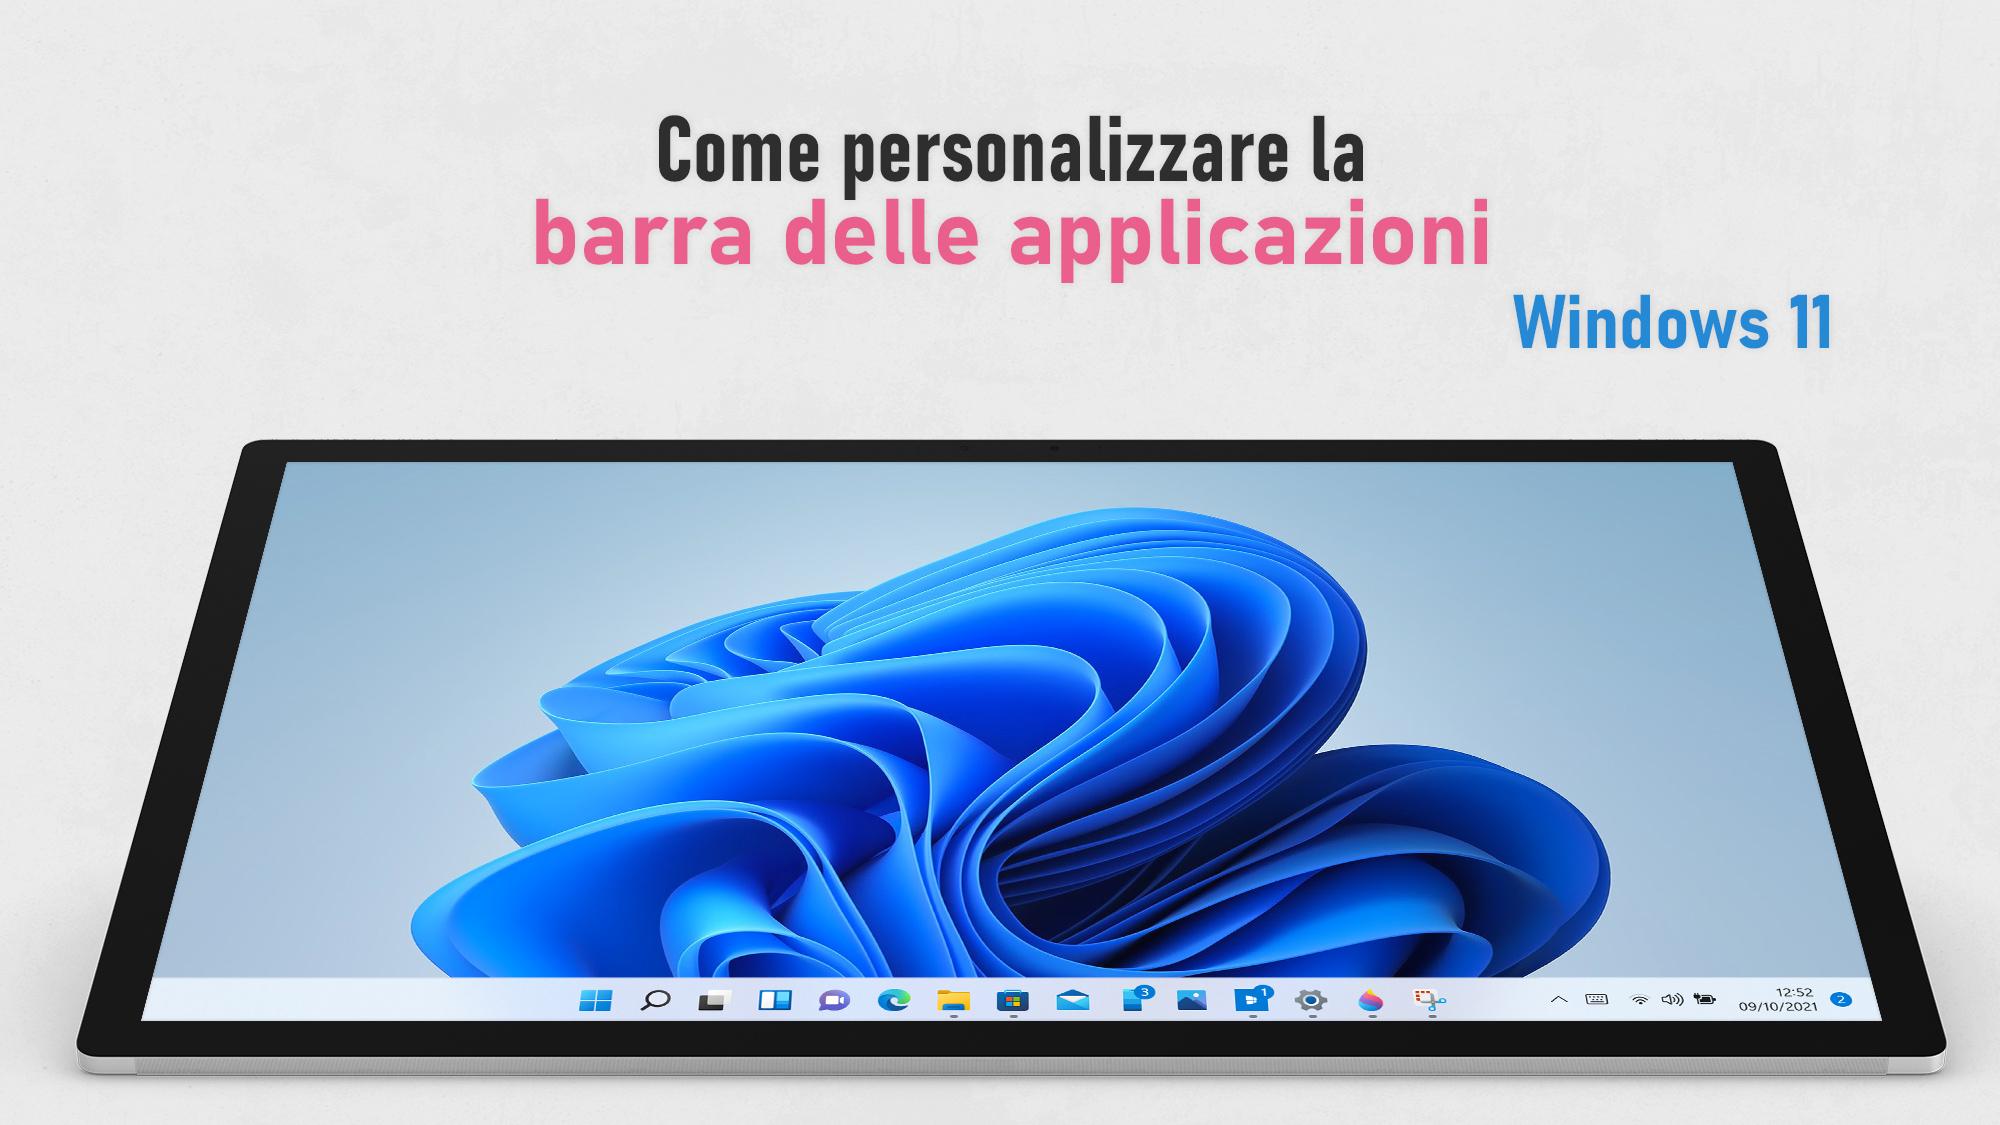 Windows 11 - Personalizzare la barra delle applicazioni